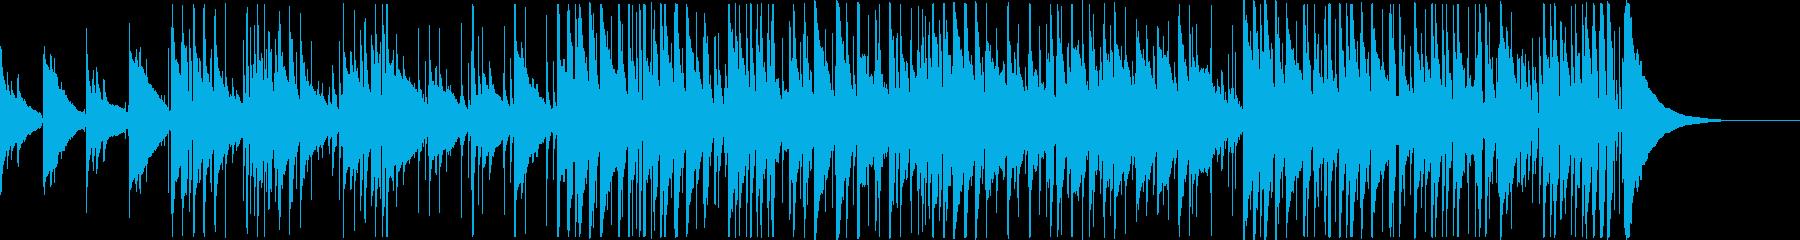 アコースティックギターのゆったりインストの再生済みの波形